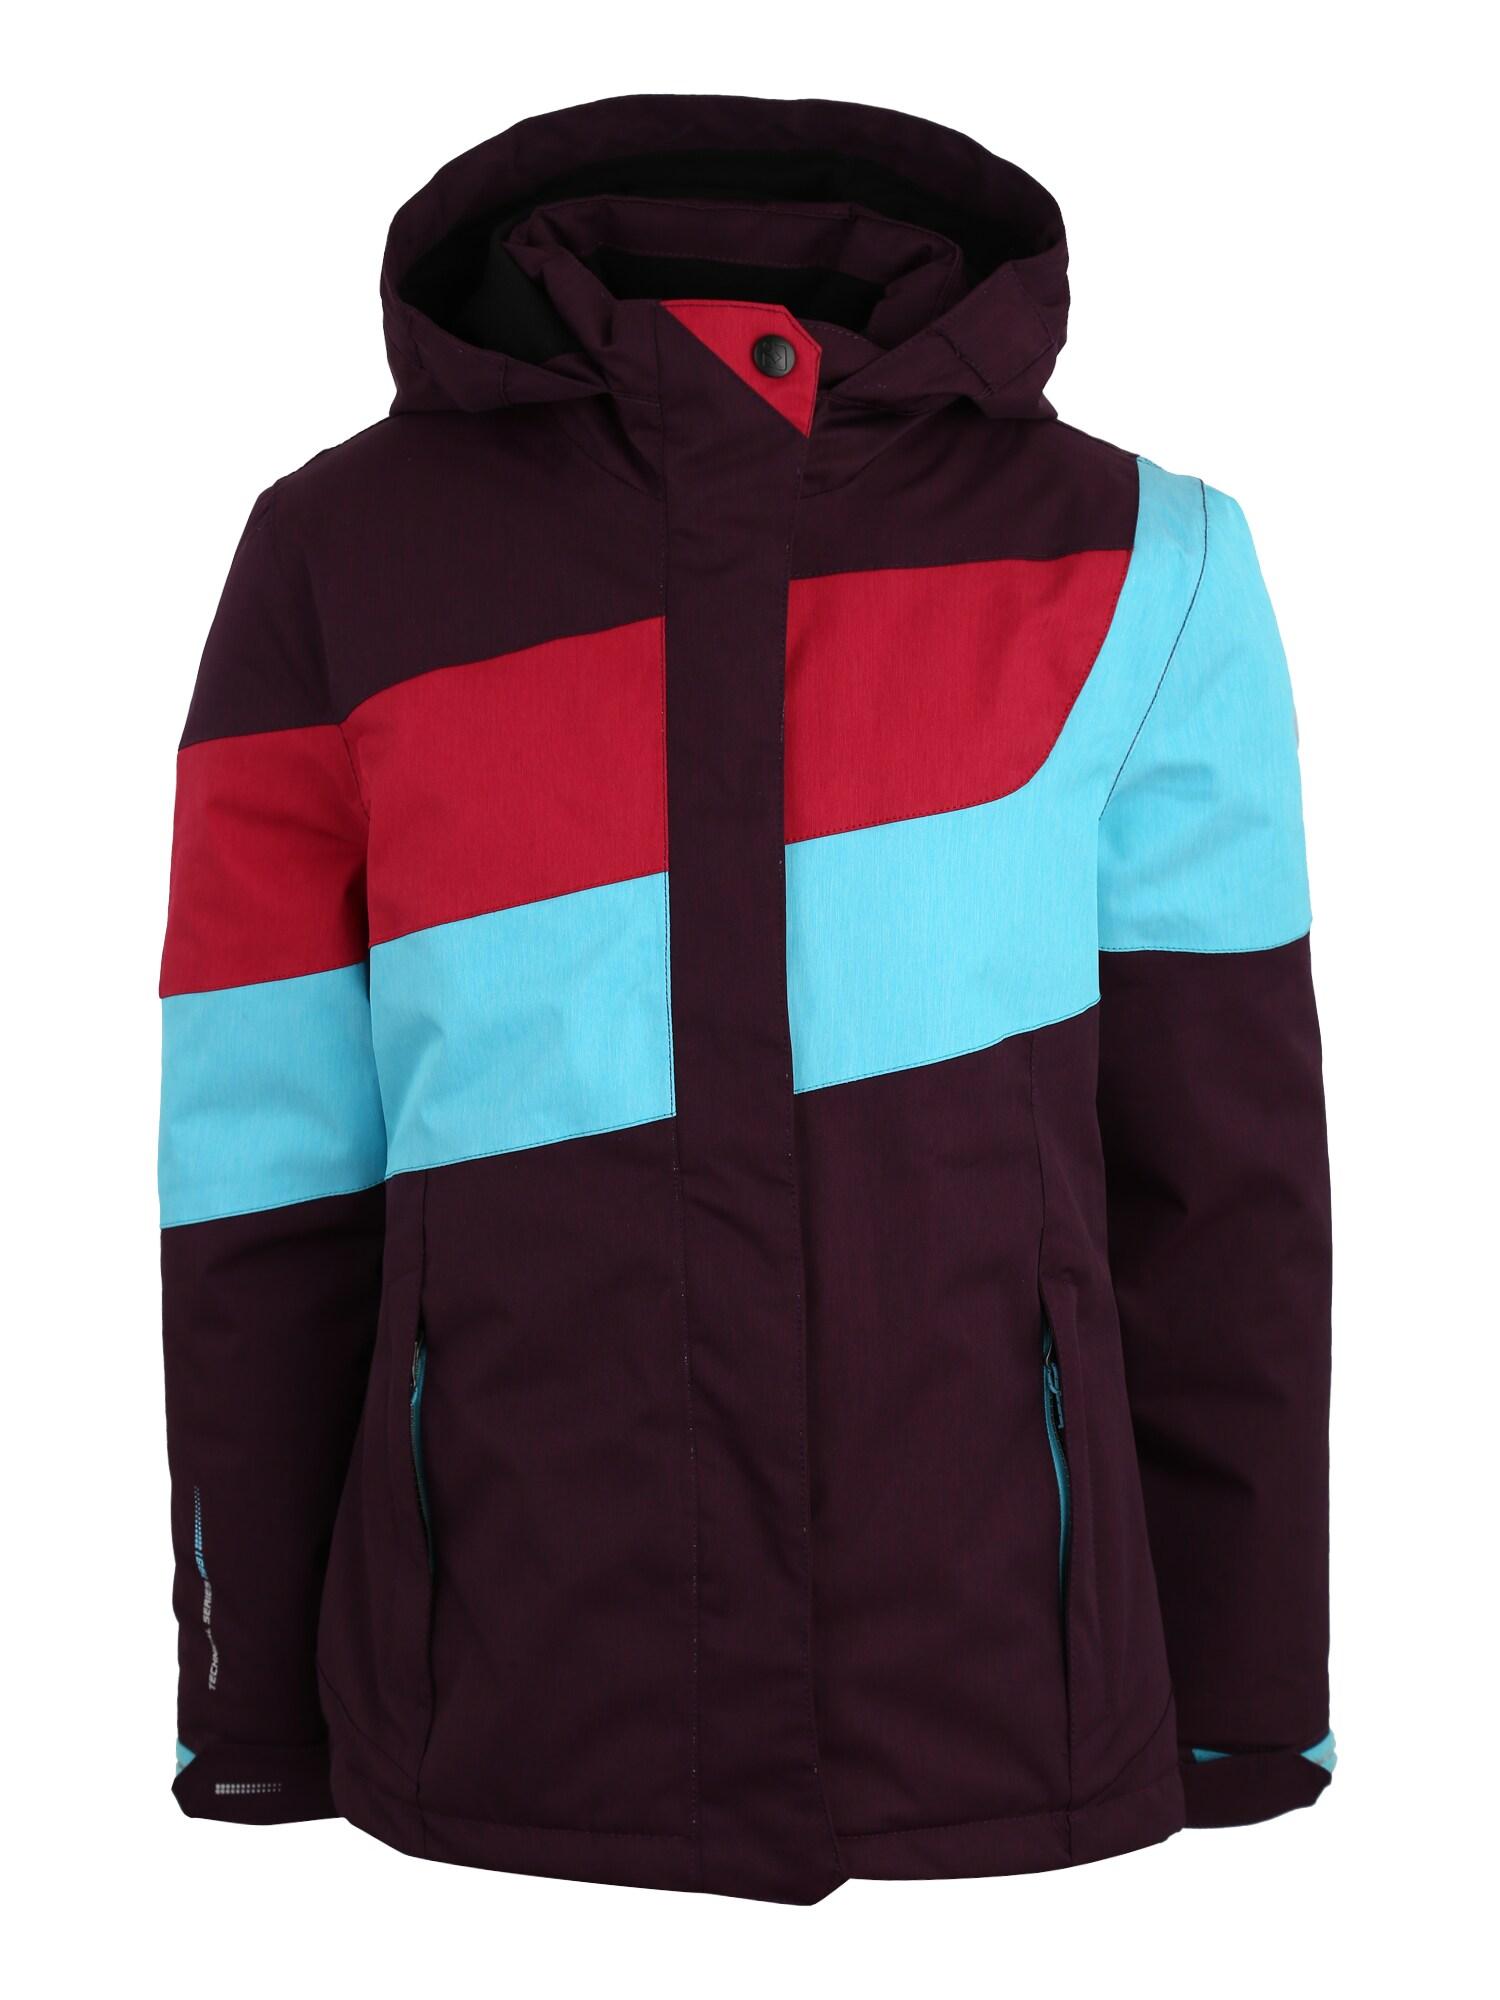 Sportovní bunda Maddalena světlemodrá švestková světle červená KILLTEC